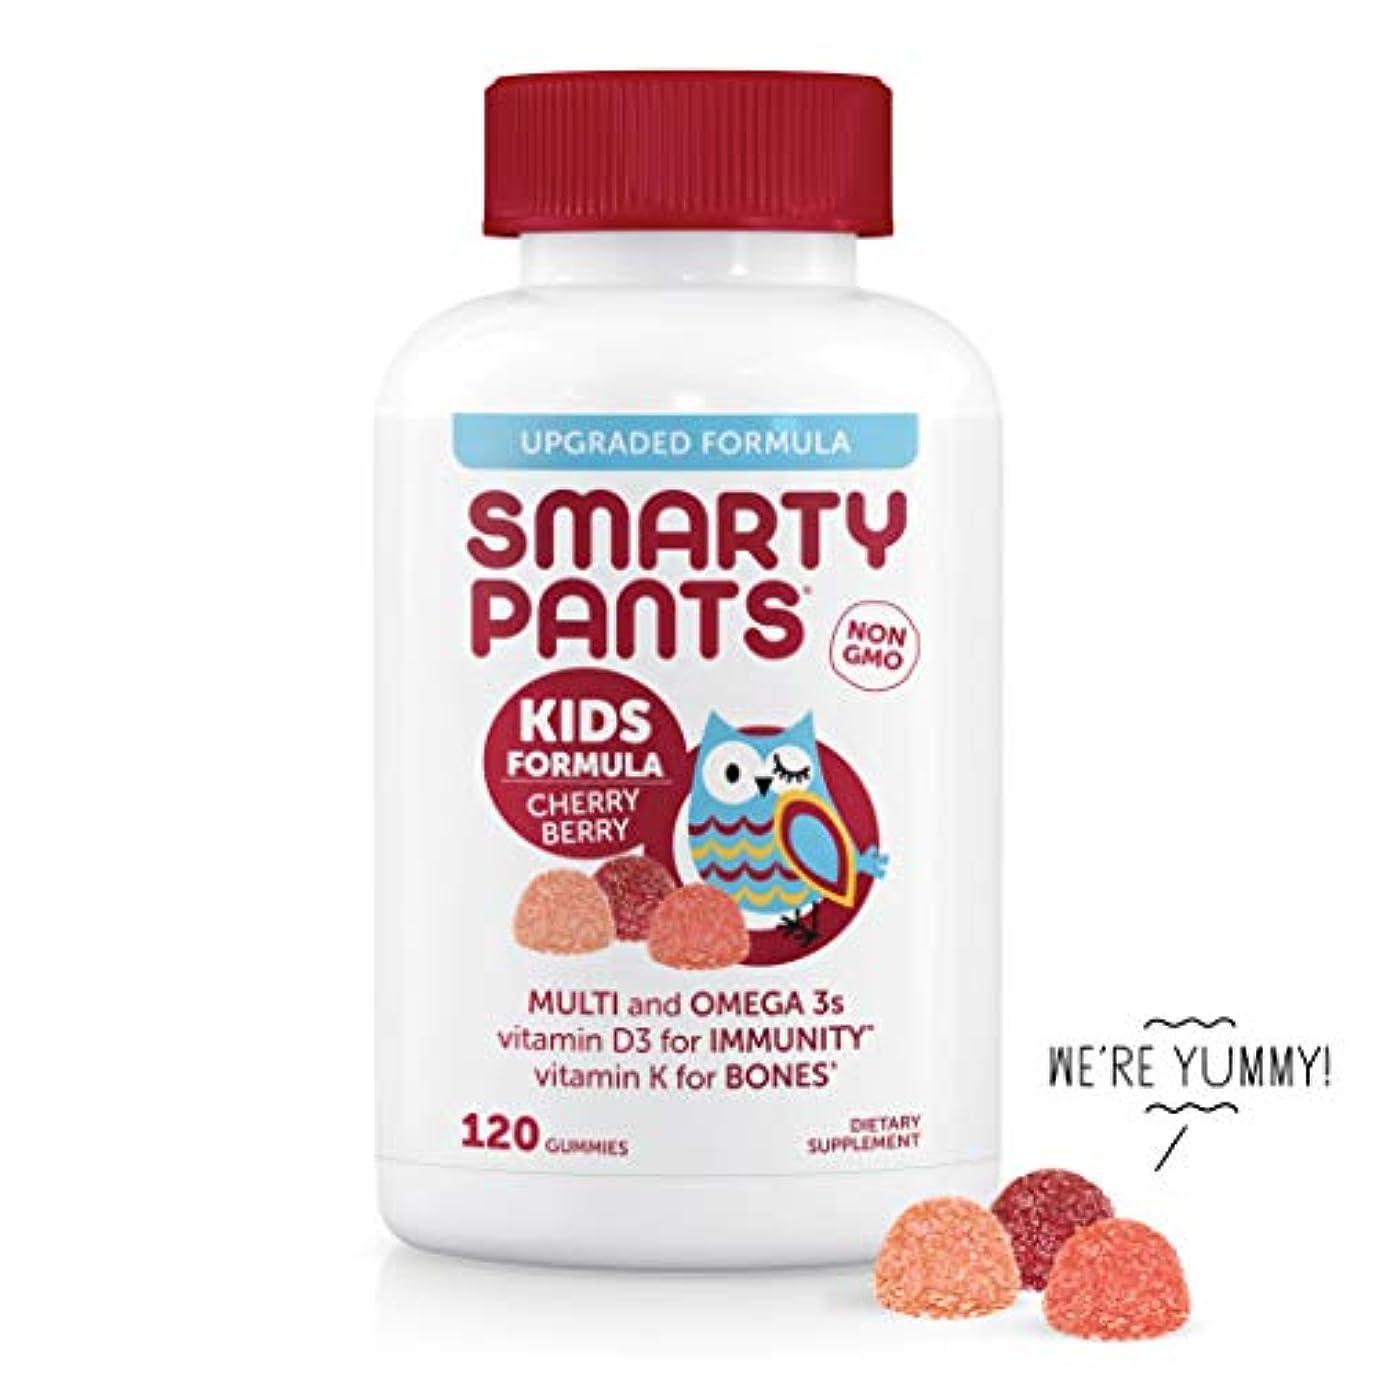 宿フィクション変化するSmartyPants キッズコンプリート マルチビタミン オメガ3フィッシュオイル ビタミンD3とB12 チェリー?ベリー グミ120個